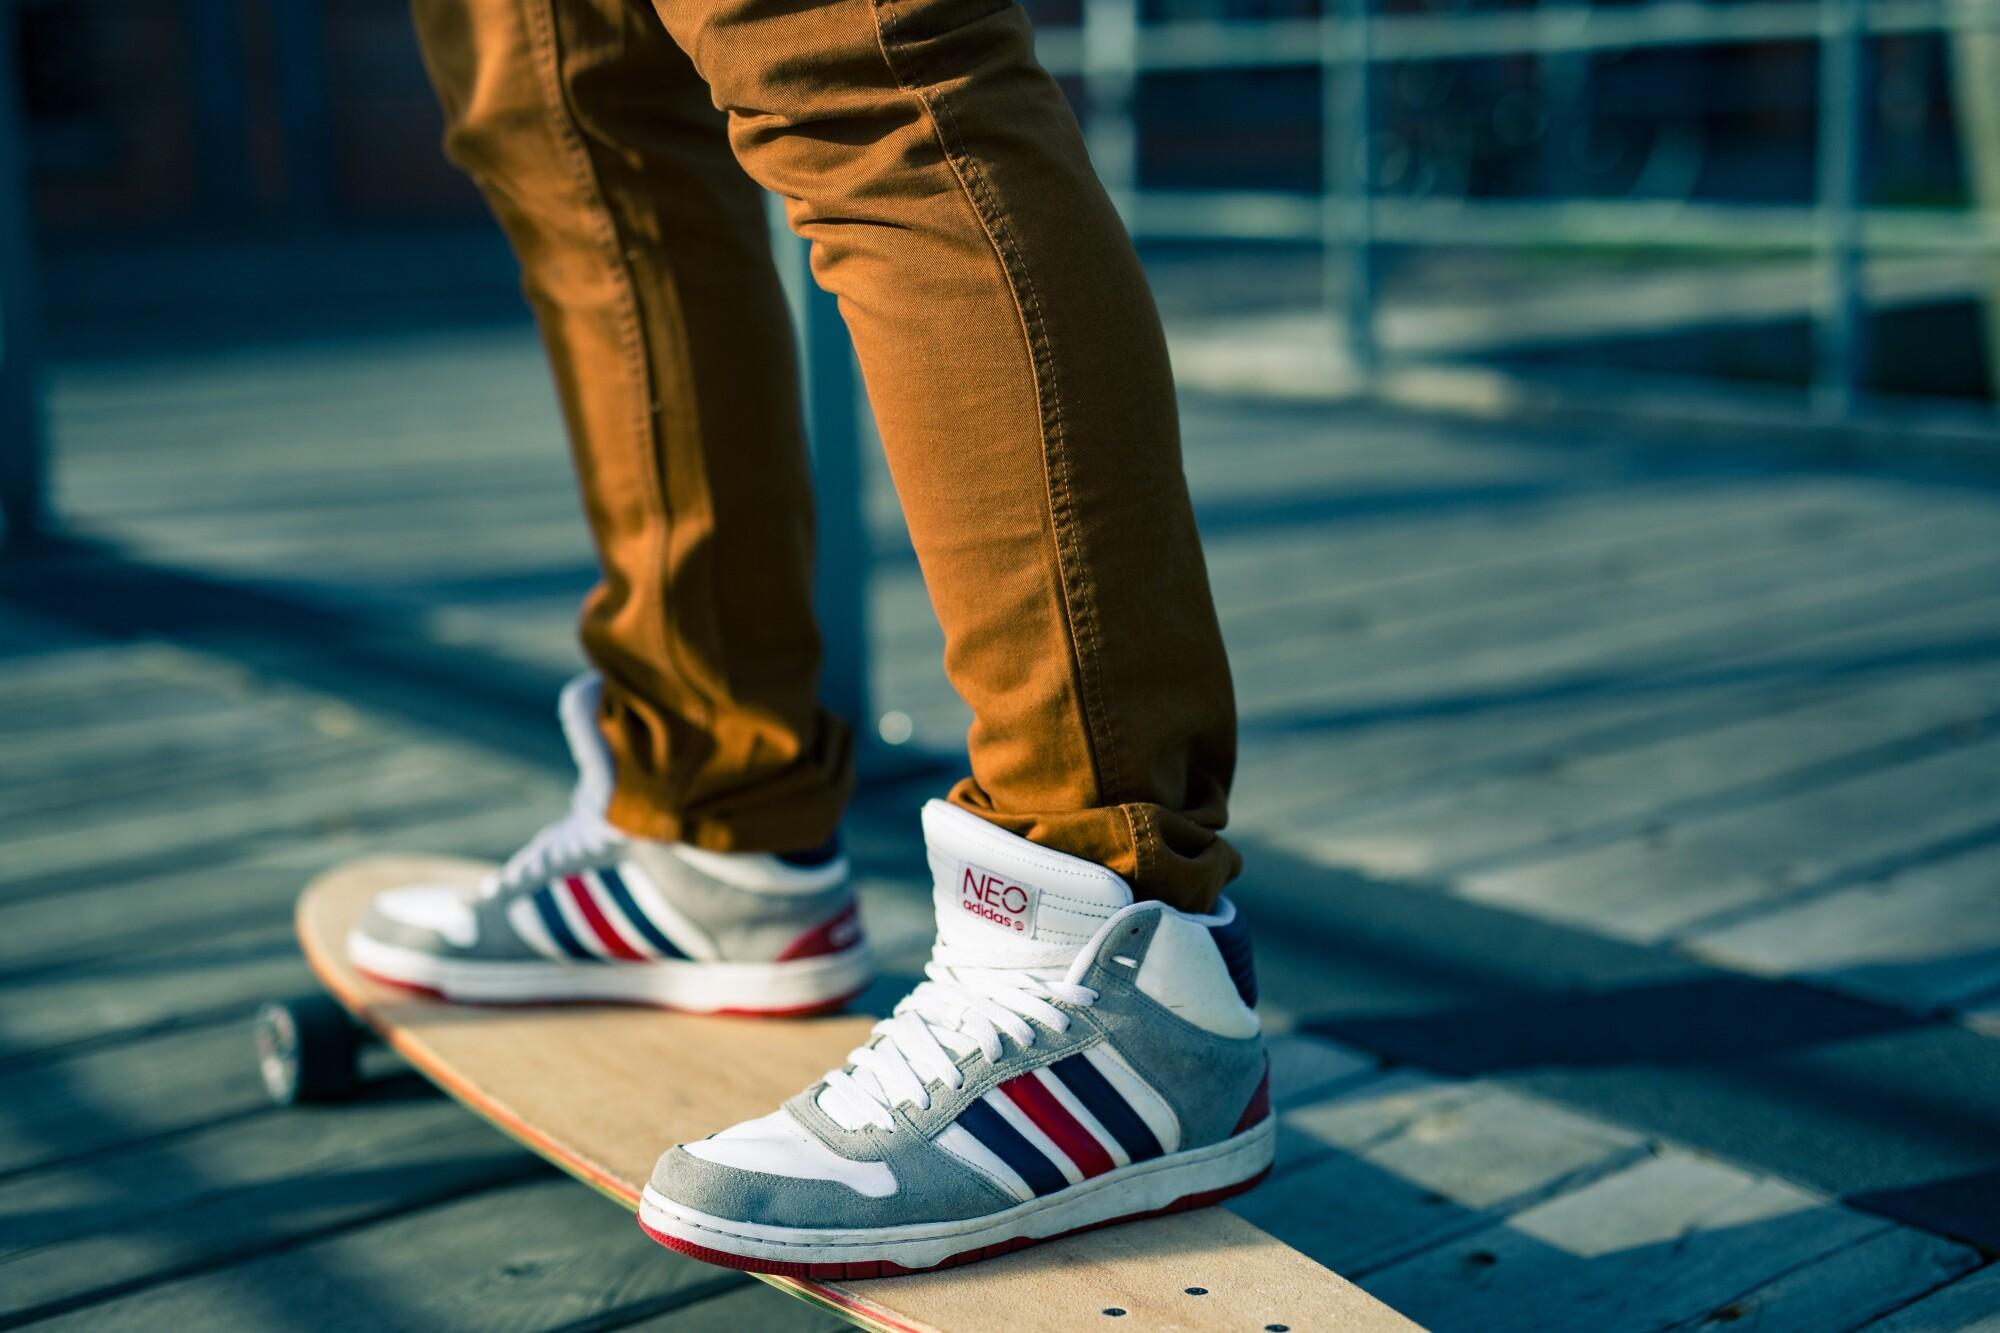 Sneakers for Skateboarding